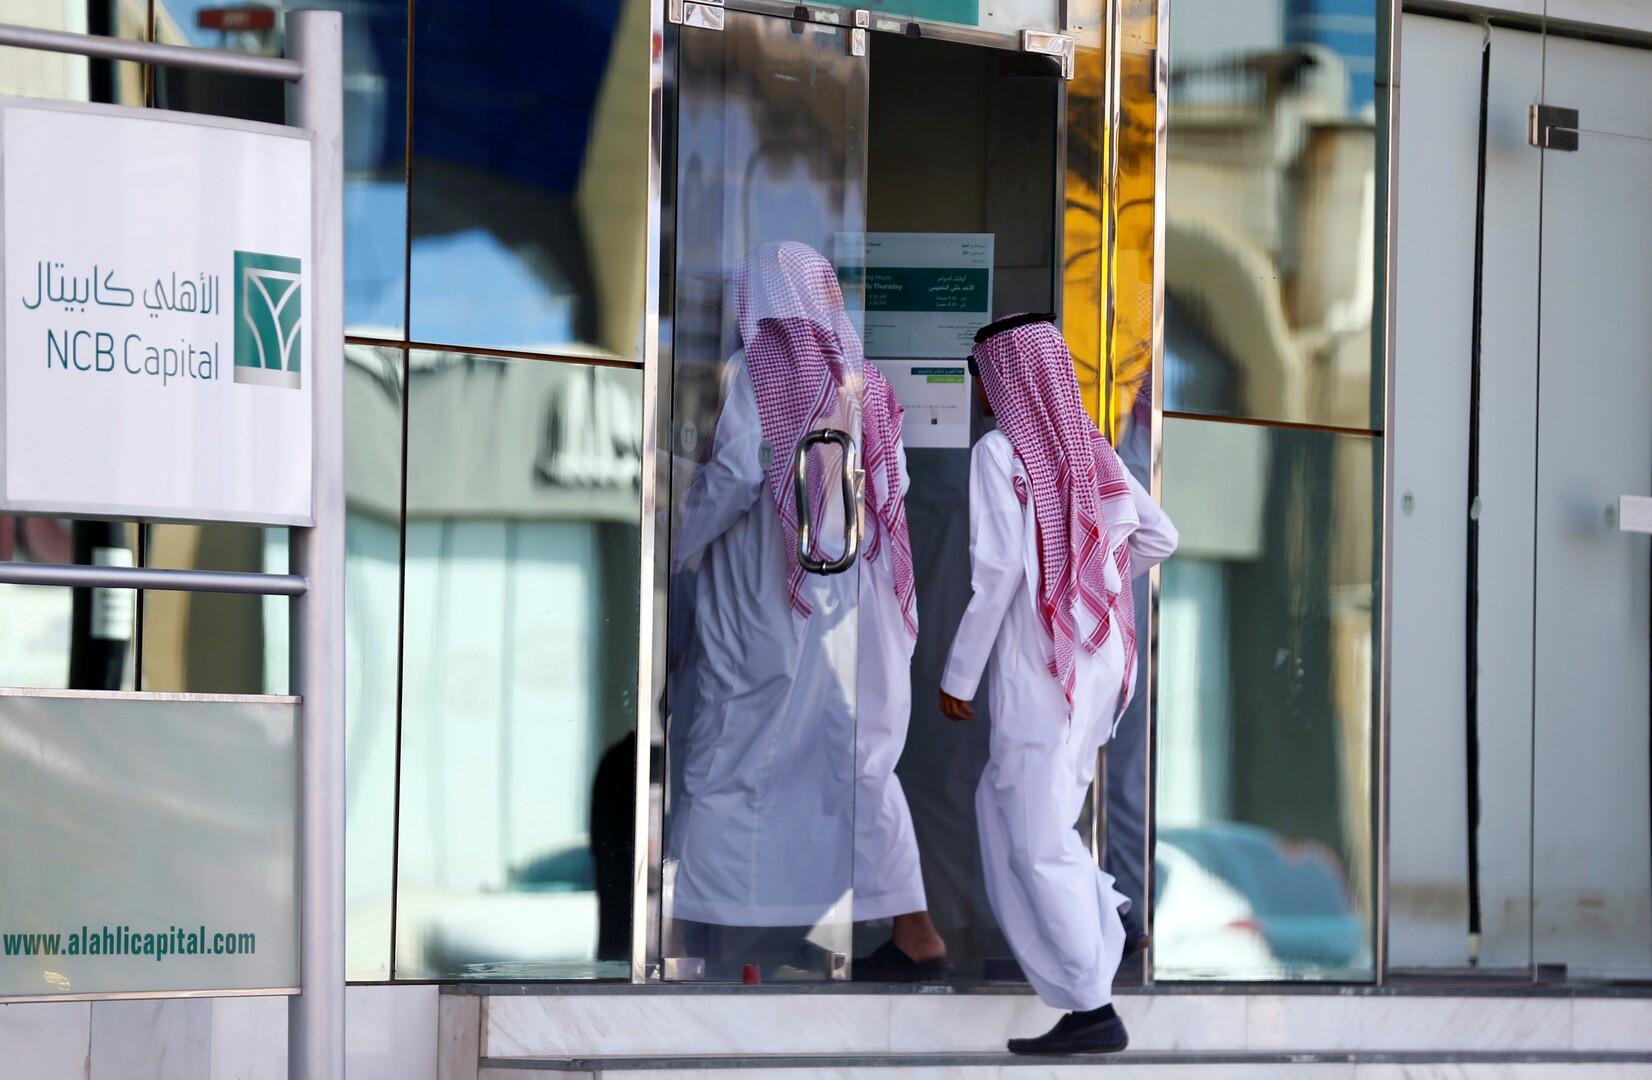 أصول المصارف السعودية عند أعلى مستوى في 27 عاما